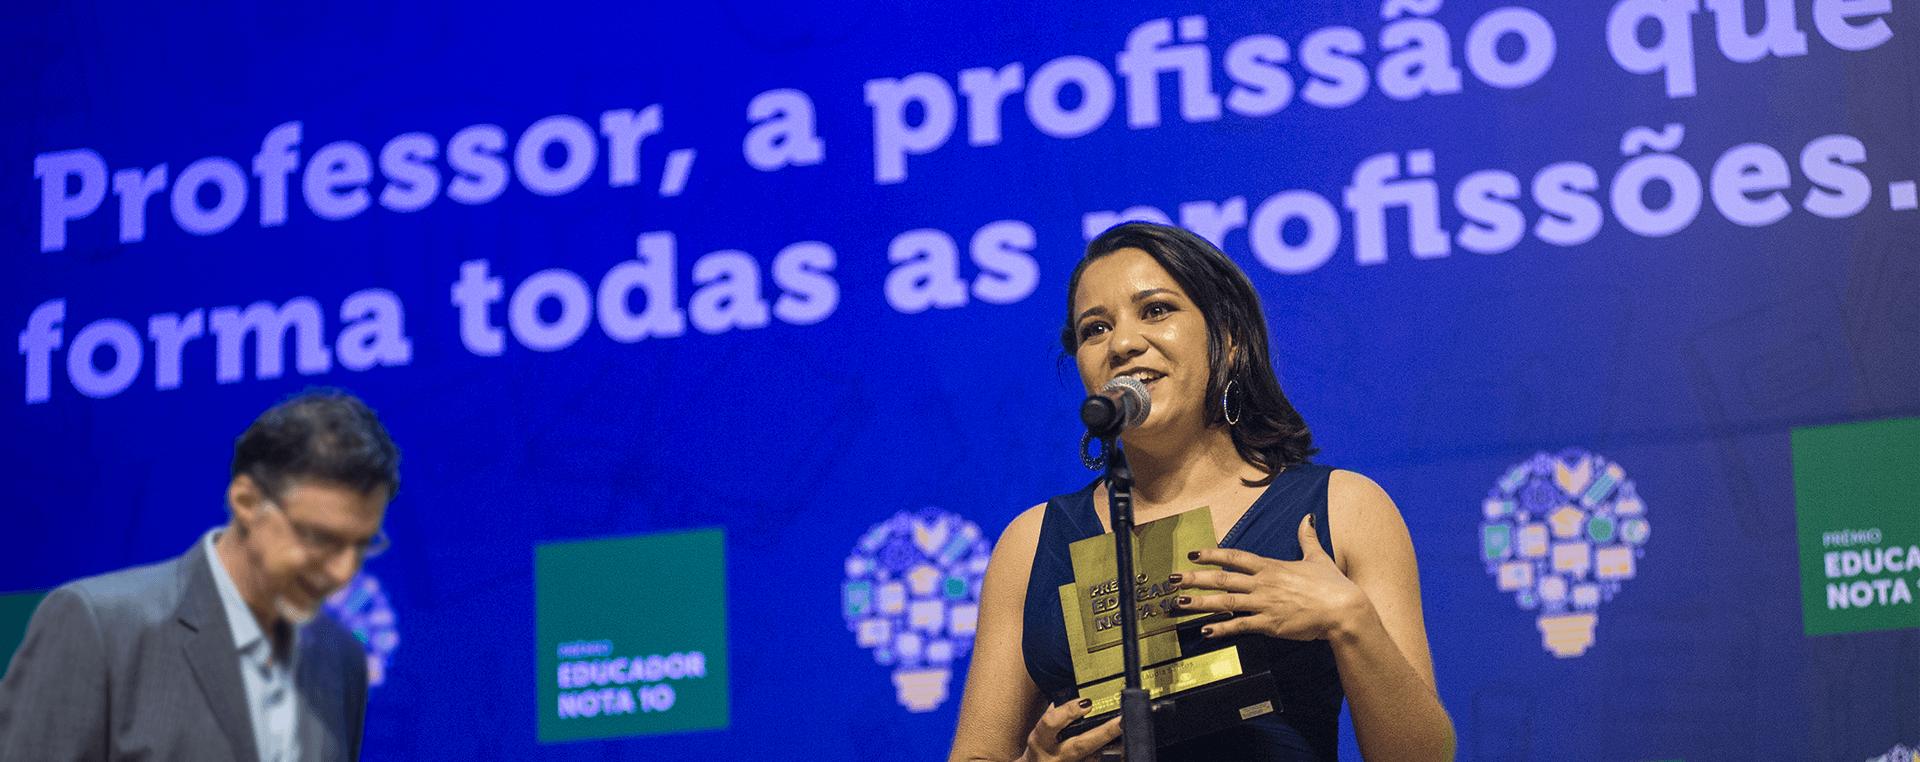 Ana Cláudia - Prêmio Educador Nota 10